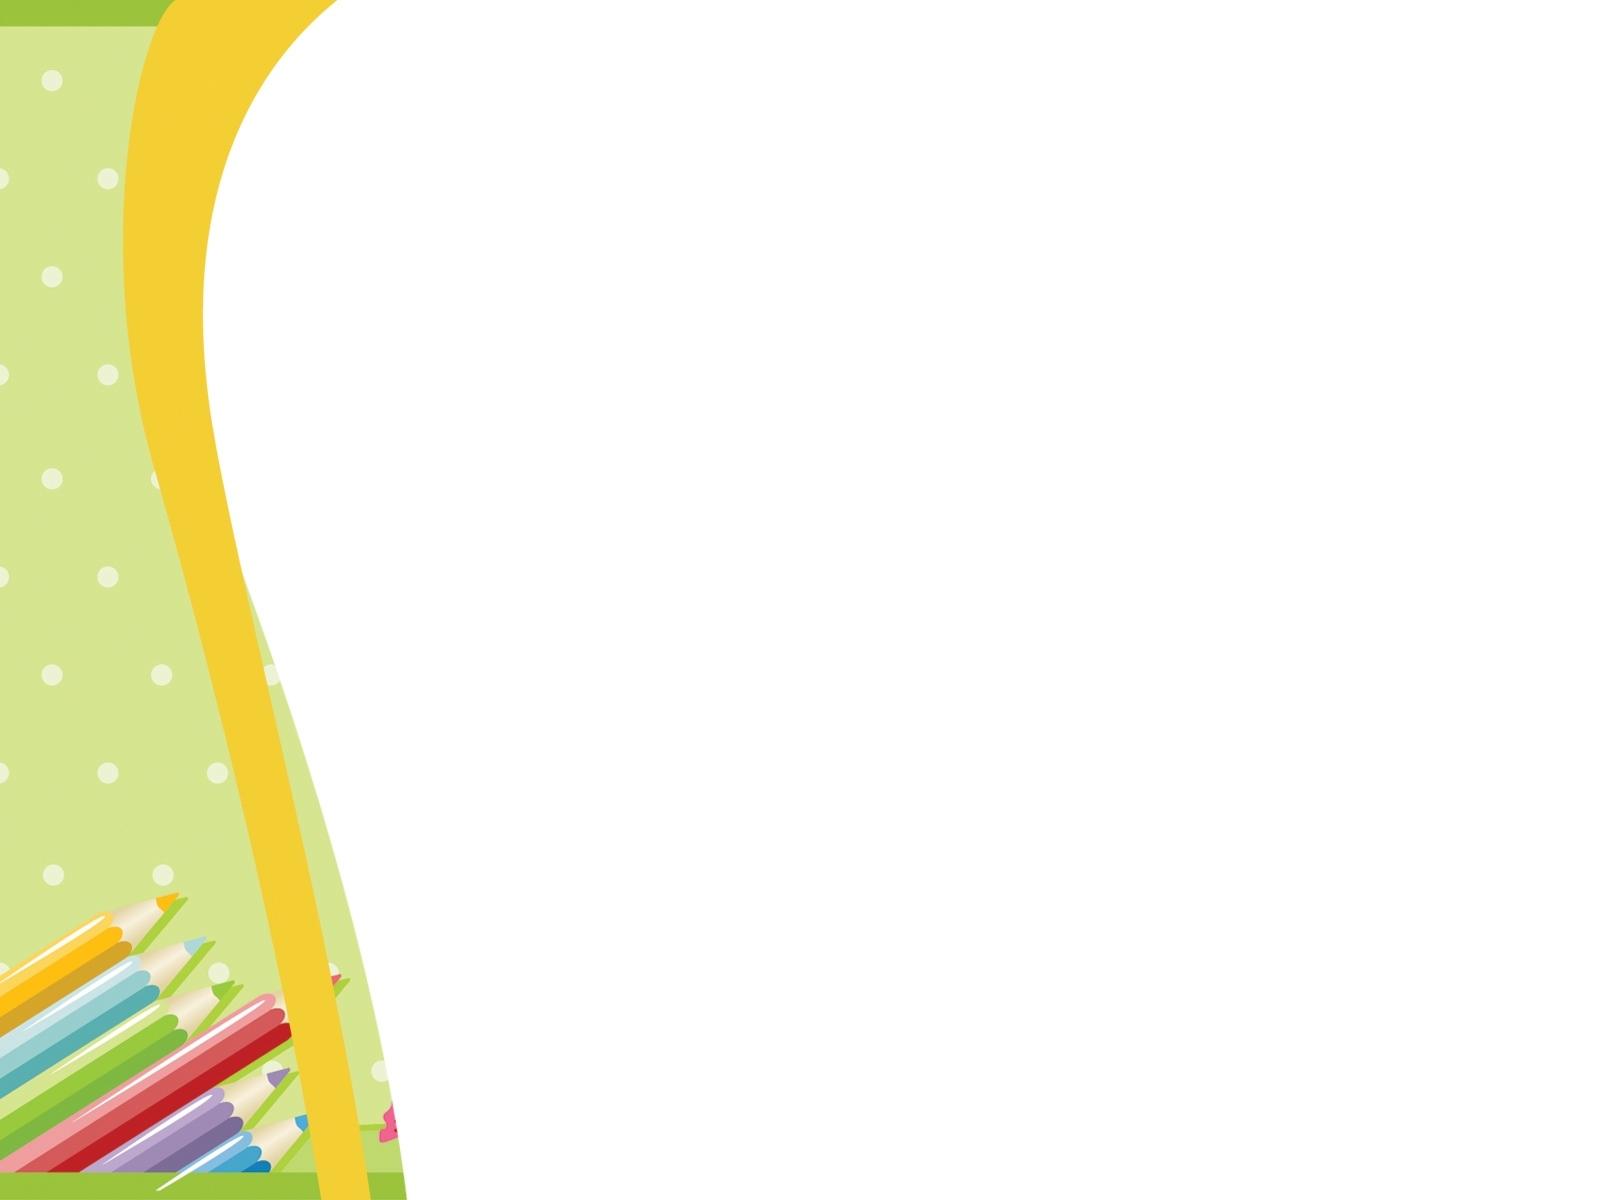 خلفيات اطفال بوربوينت 2020 موسوعة